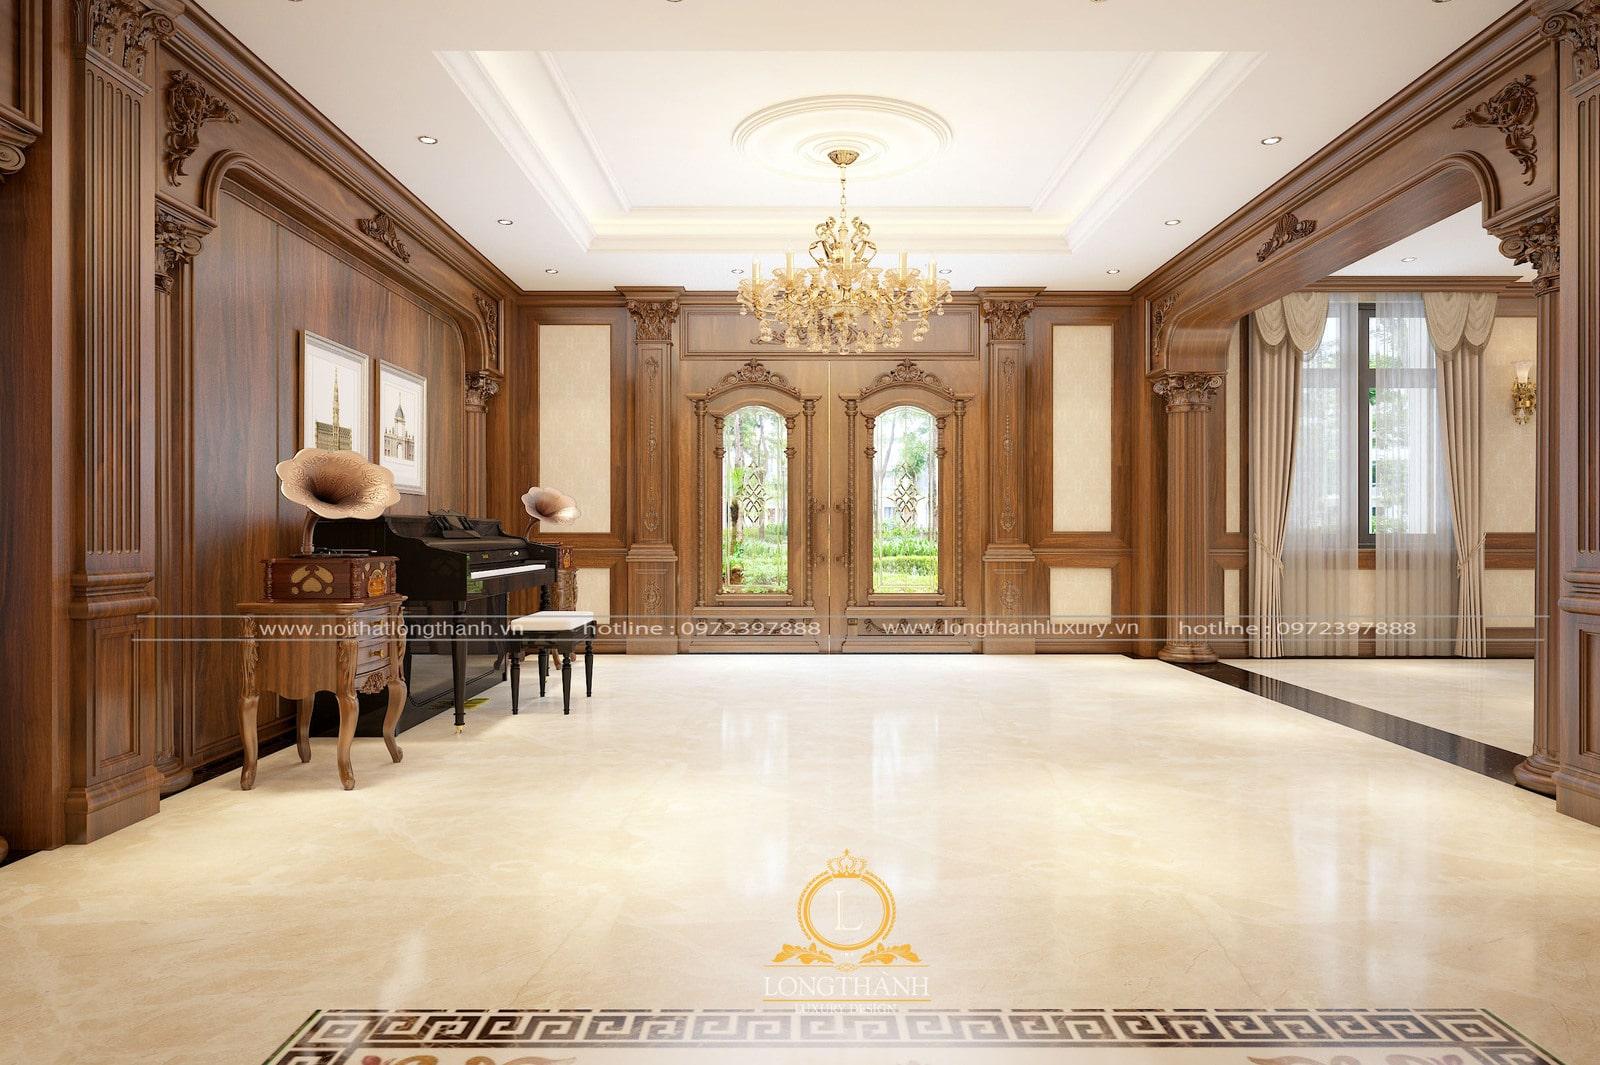 hiết kế nội thất phòng khách biệt thự đẹp